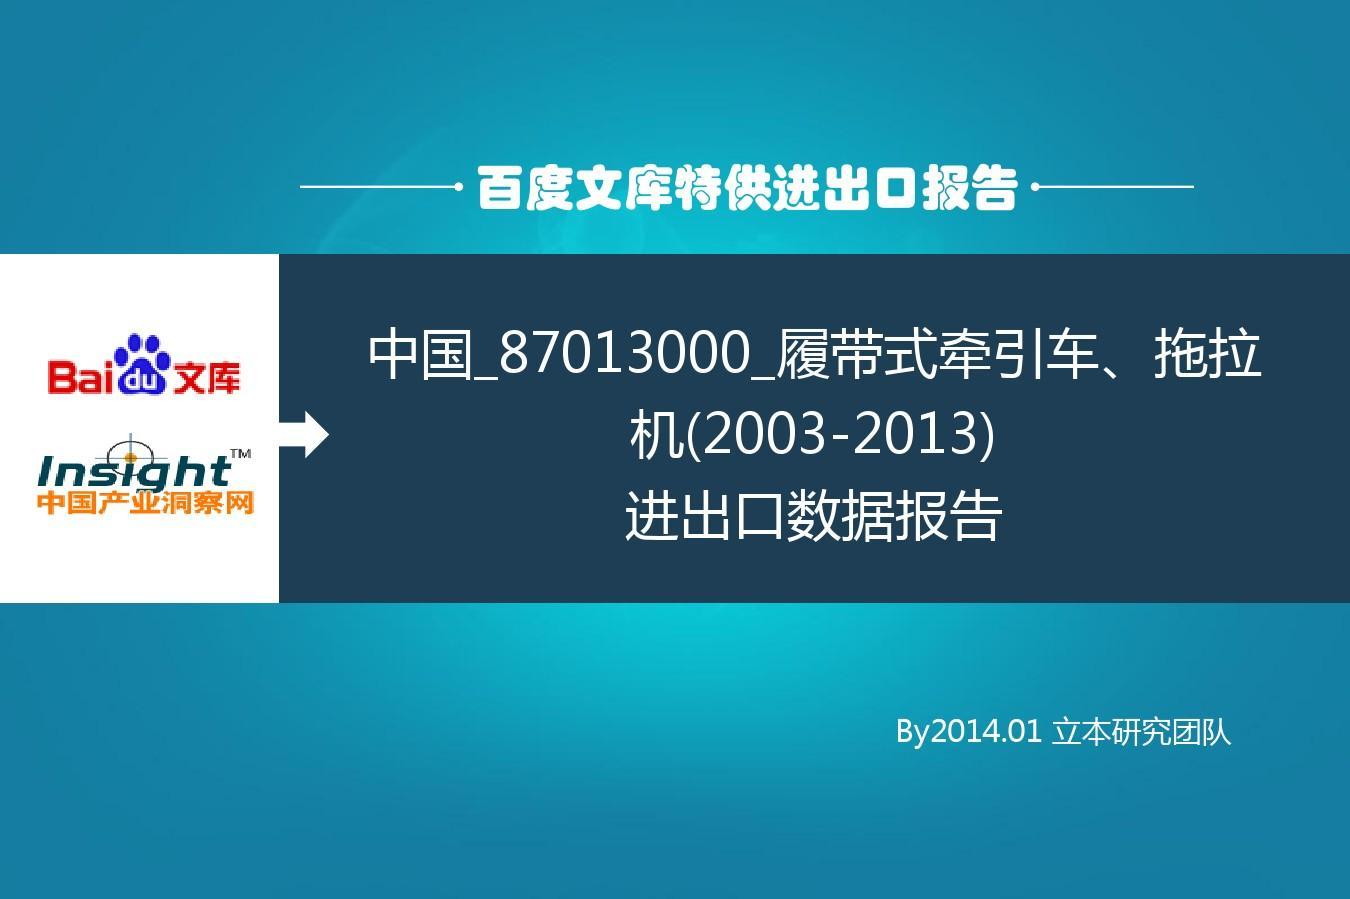 中国_87013000_履带式牵引车,拖拉机(2003-2013)进出口数据报告ppt图片